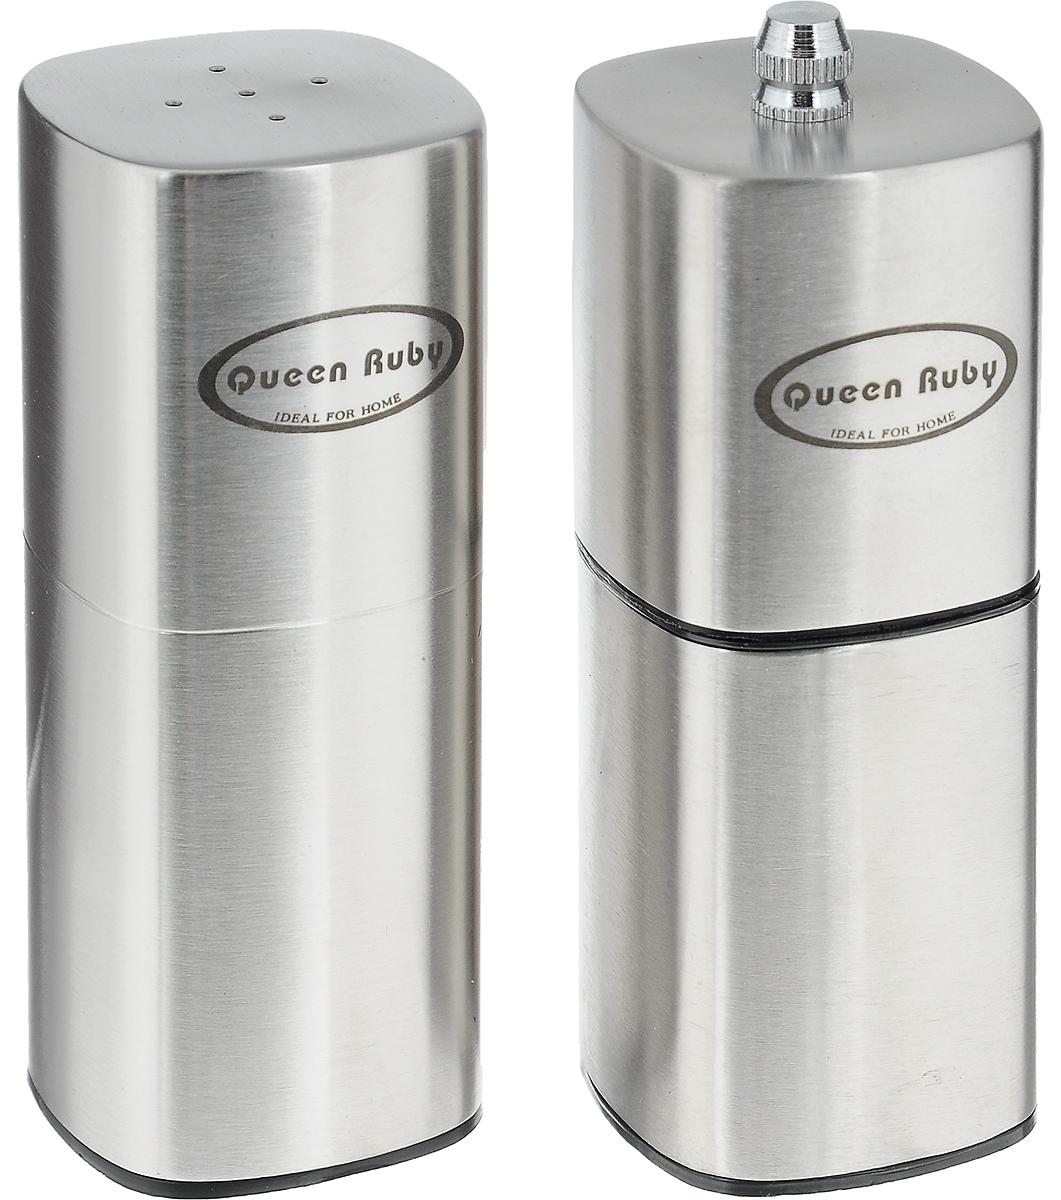 Набор для специй Queen Ruby, 2 предмета. 87678767Набор для специй Queen Ruby состоит из солонки и перцемолки. Корпус емкостей выполнен из нержавеющей стали с матовой полировкой. Мельница имеет четыре степени помола, механизм мельницы изготовлен из керамики. Стоит только покрутить верхнюю часть мельницы, и вы с легкостью сможете поперчить любое блюдо по своему вкусу. Оригинальный набор модного дизайна будет отлично смотреться на вашей кухне. Размер емкостей: 4,5 х 4,5 х 11,5 см.